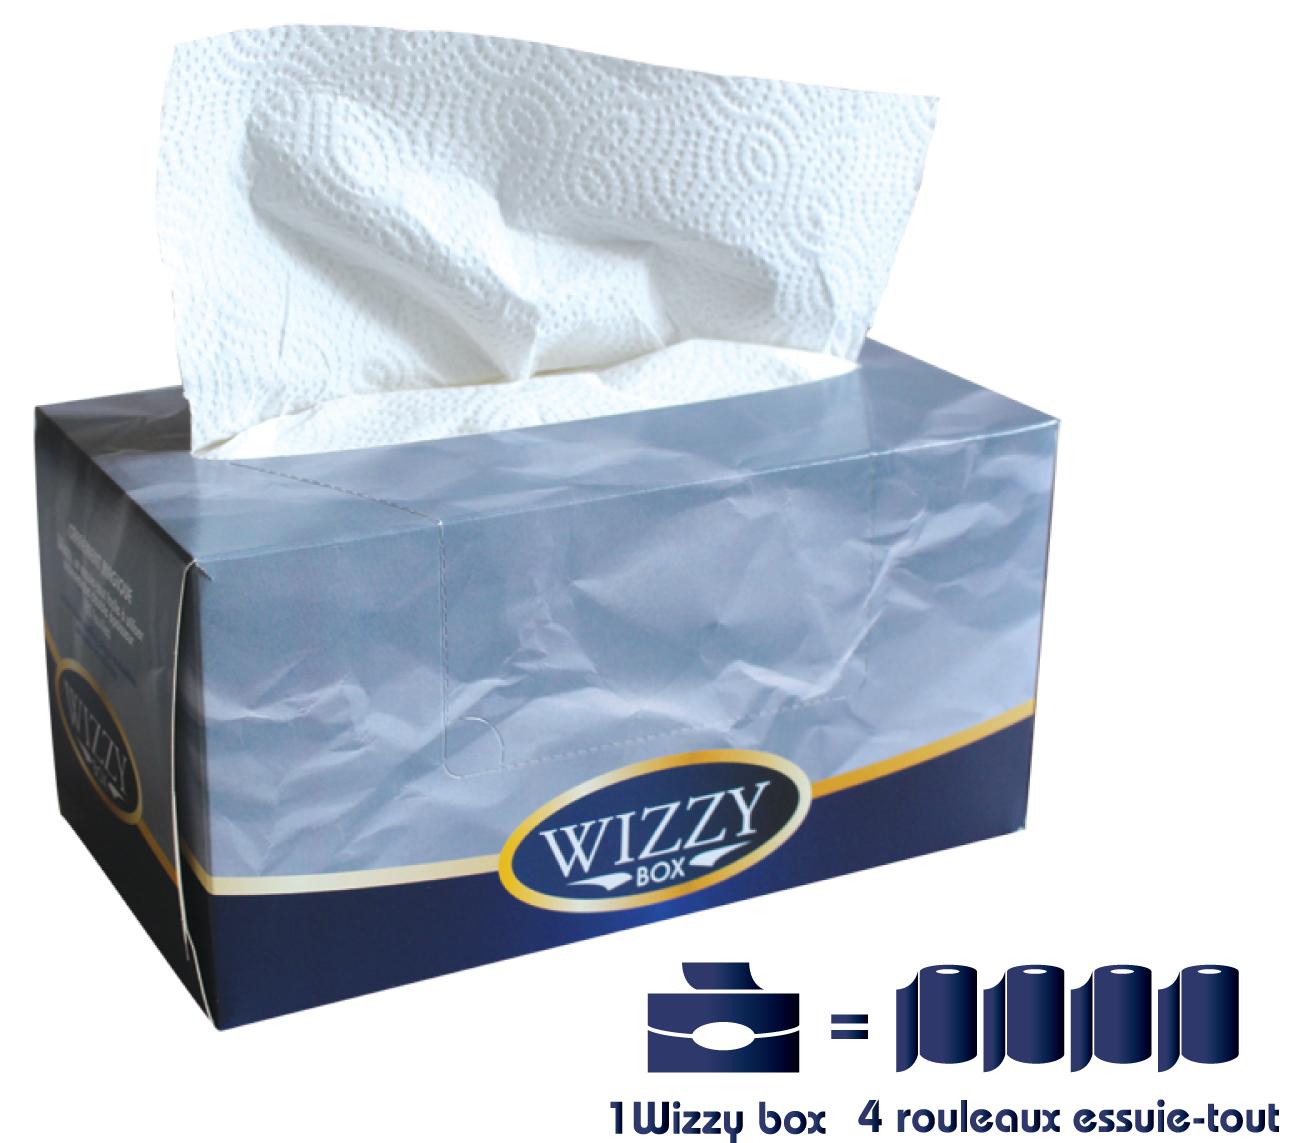 Wizzy Box